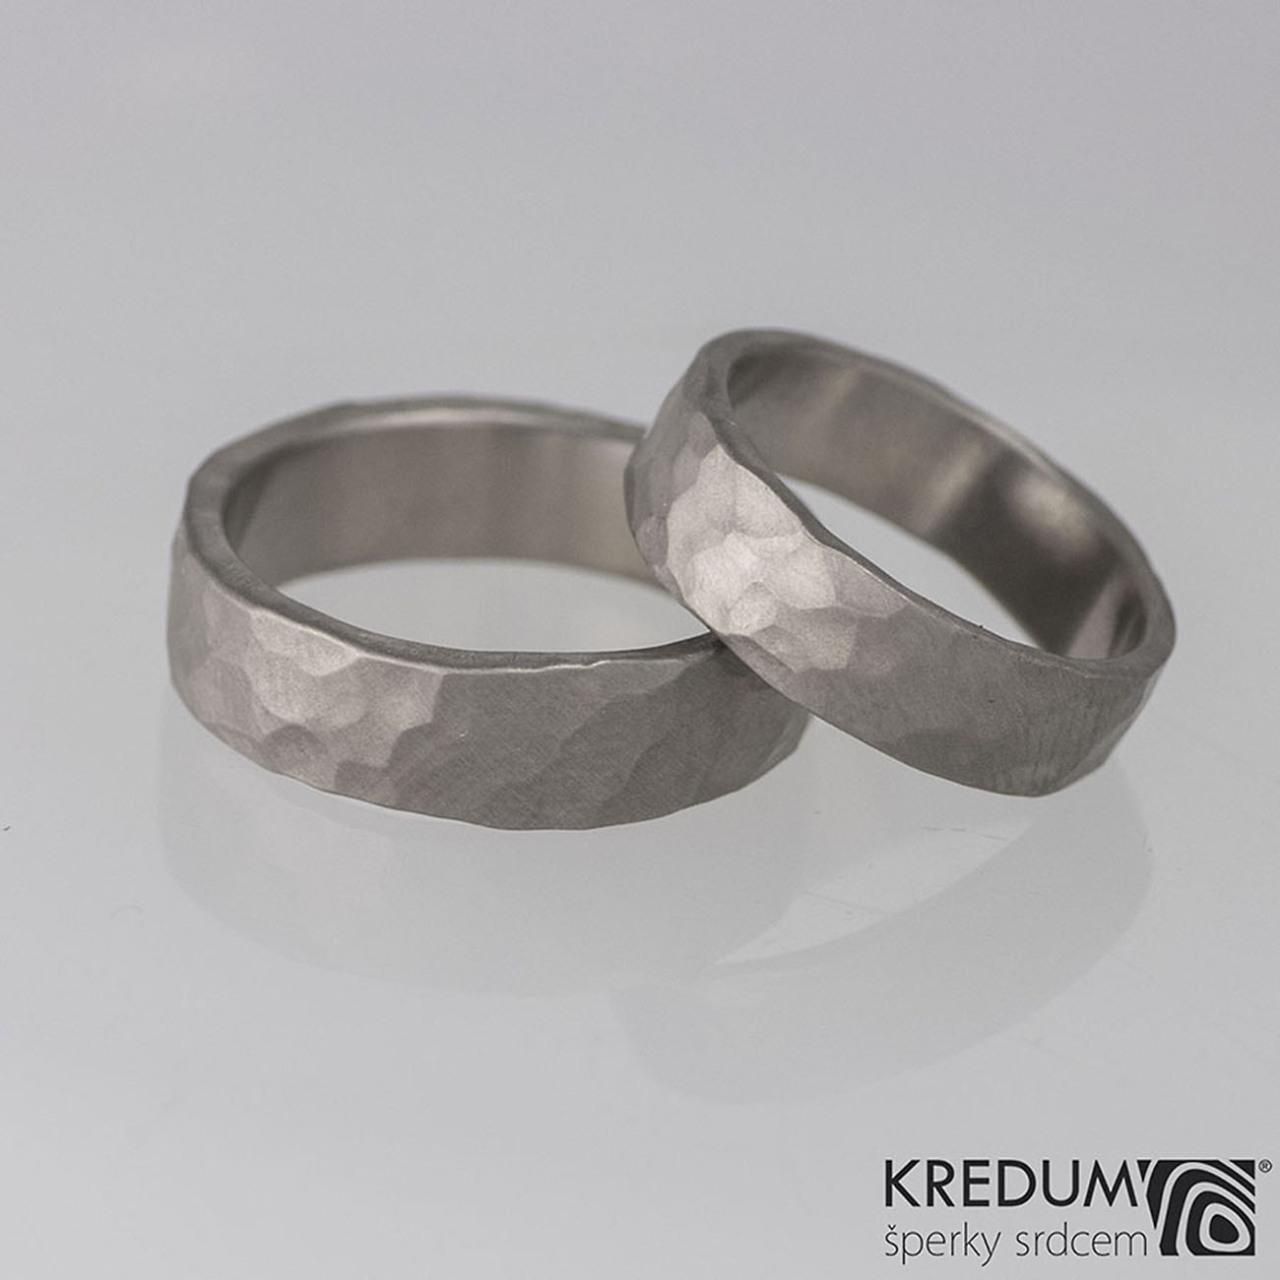 Přírodní svatba - i naše prstýnky jsou do ,,nature,, stylu- ručně tepané